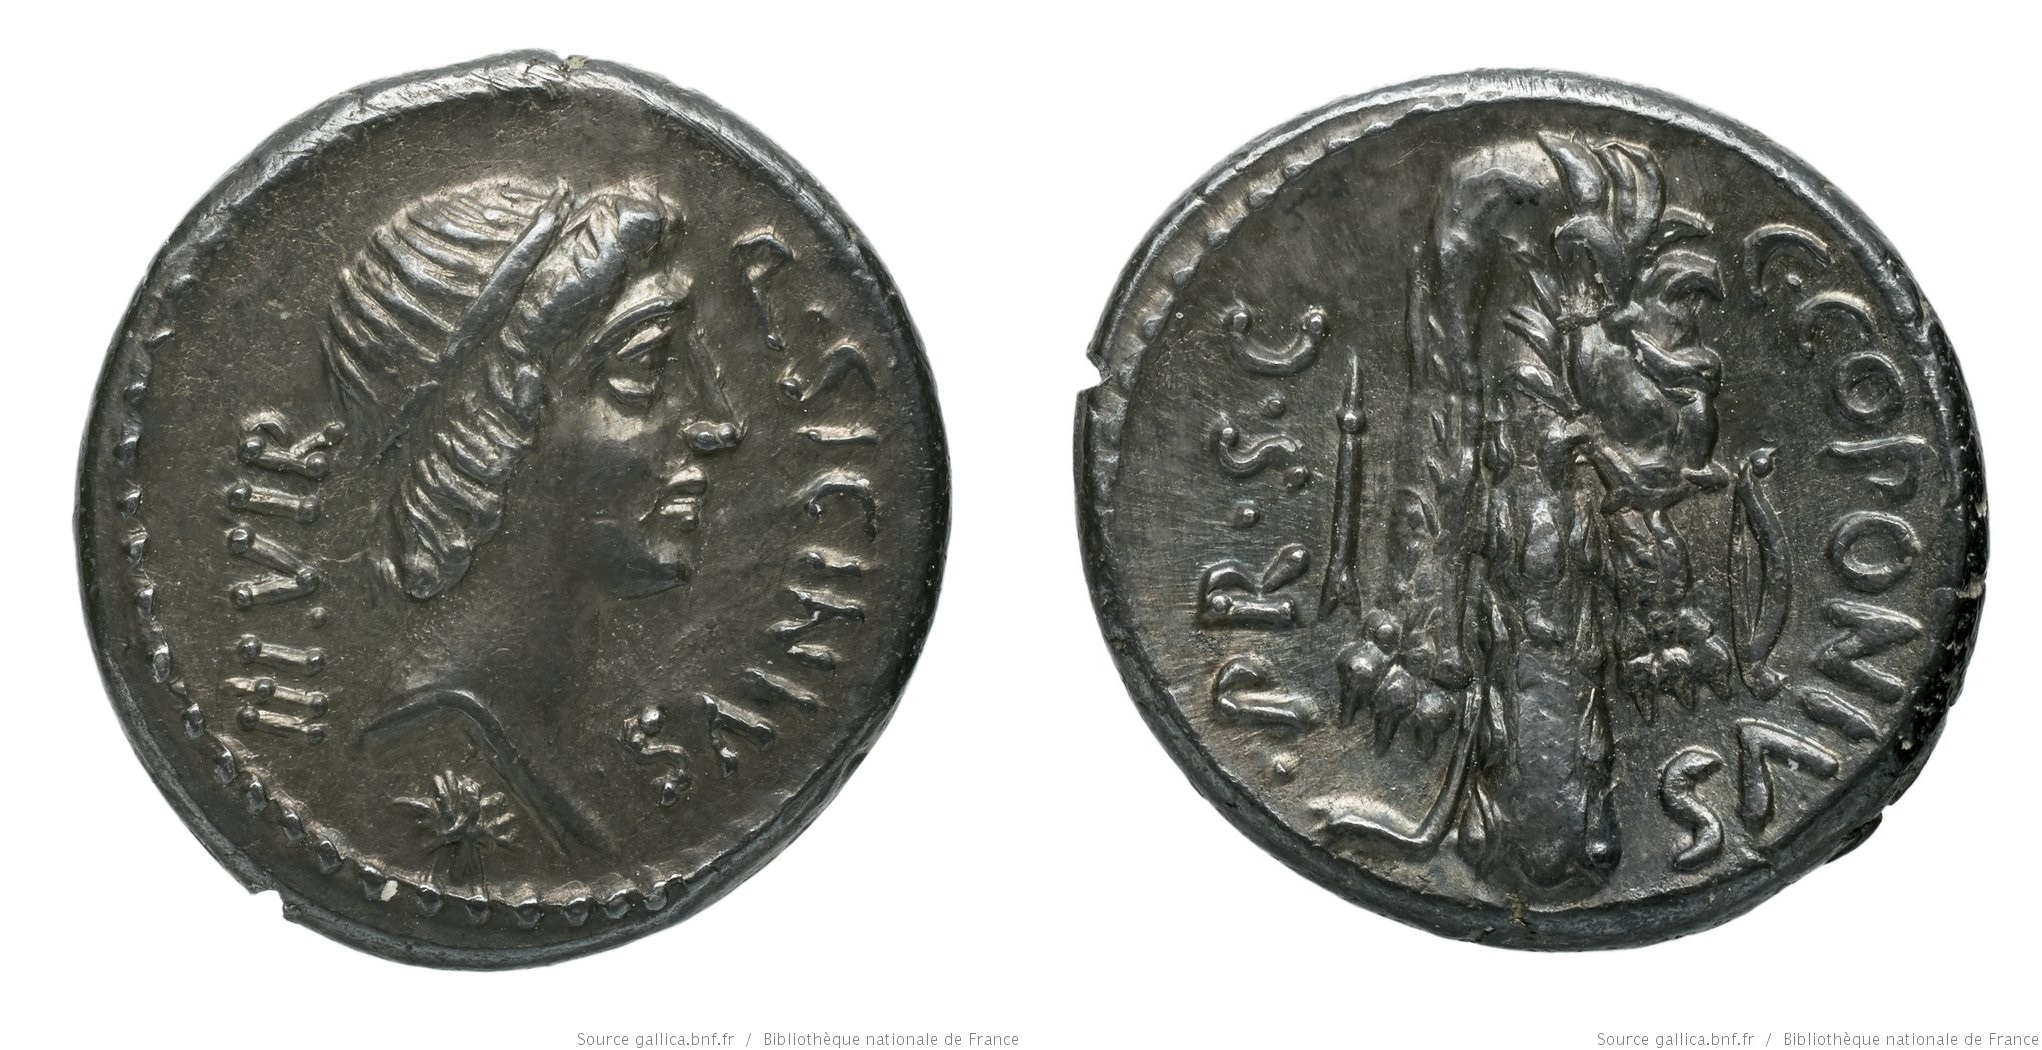 1424SI – Denier Sicinia – Quintus Sicinius